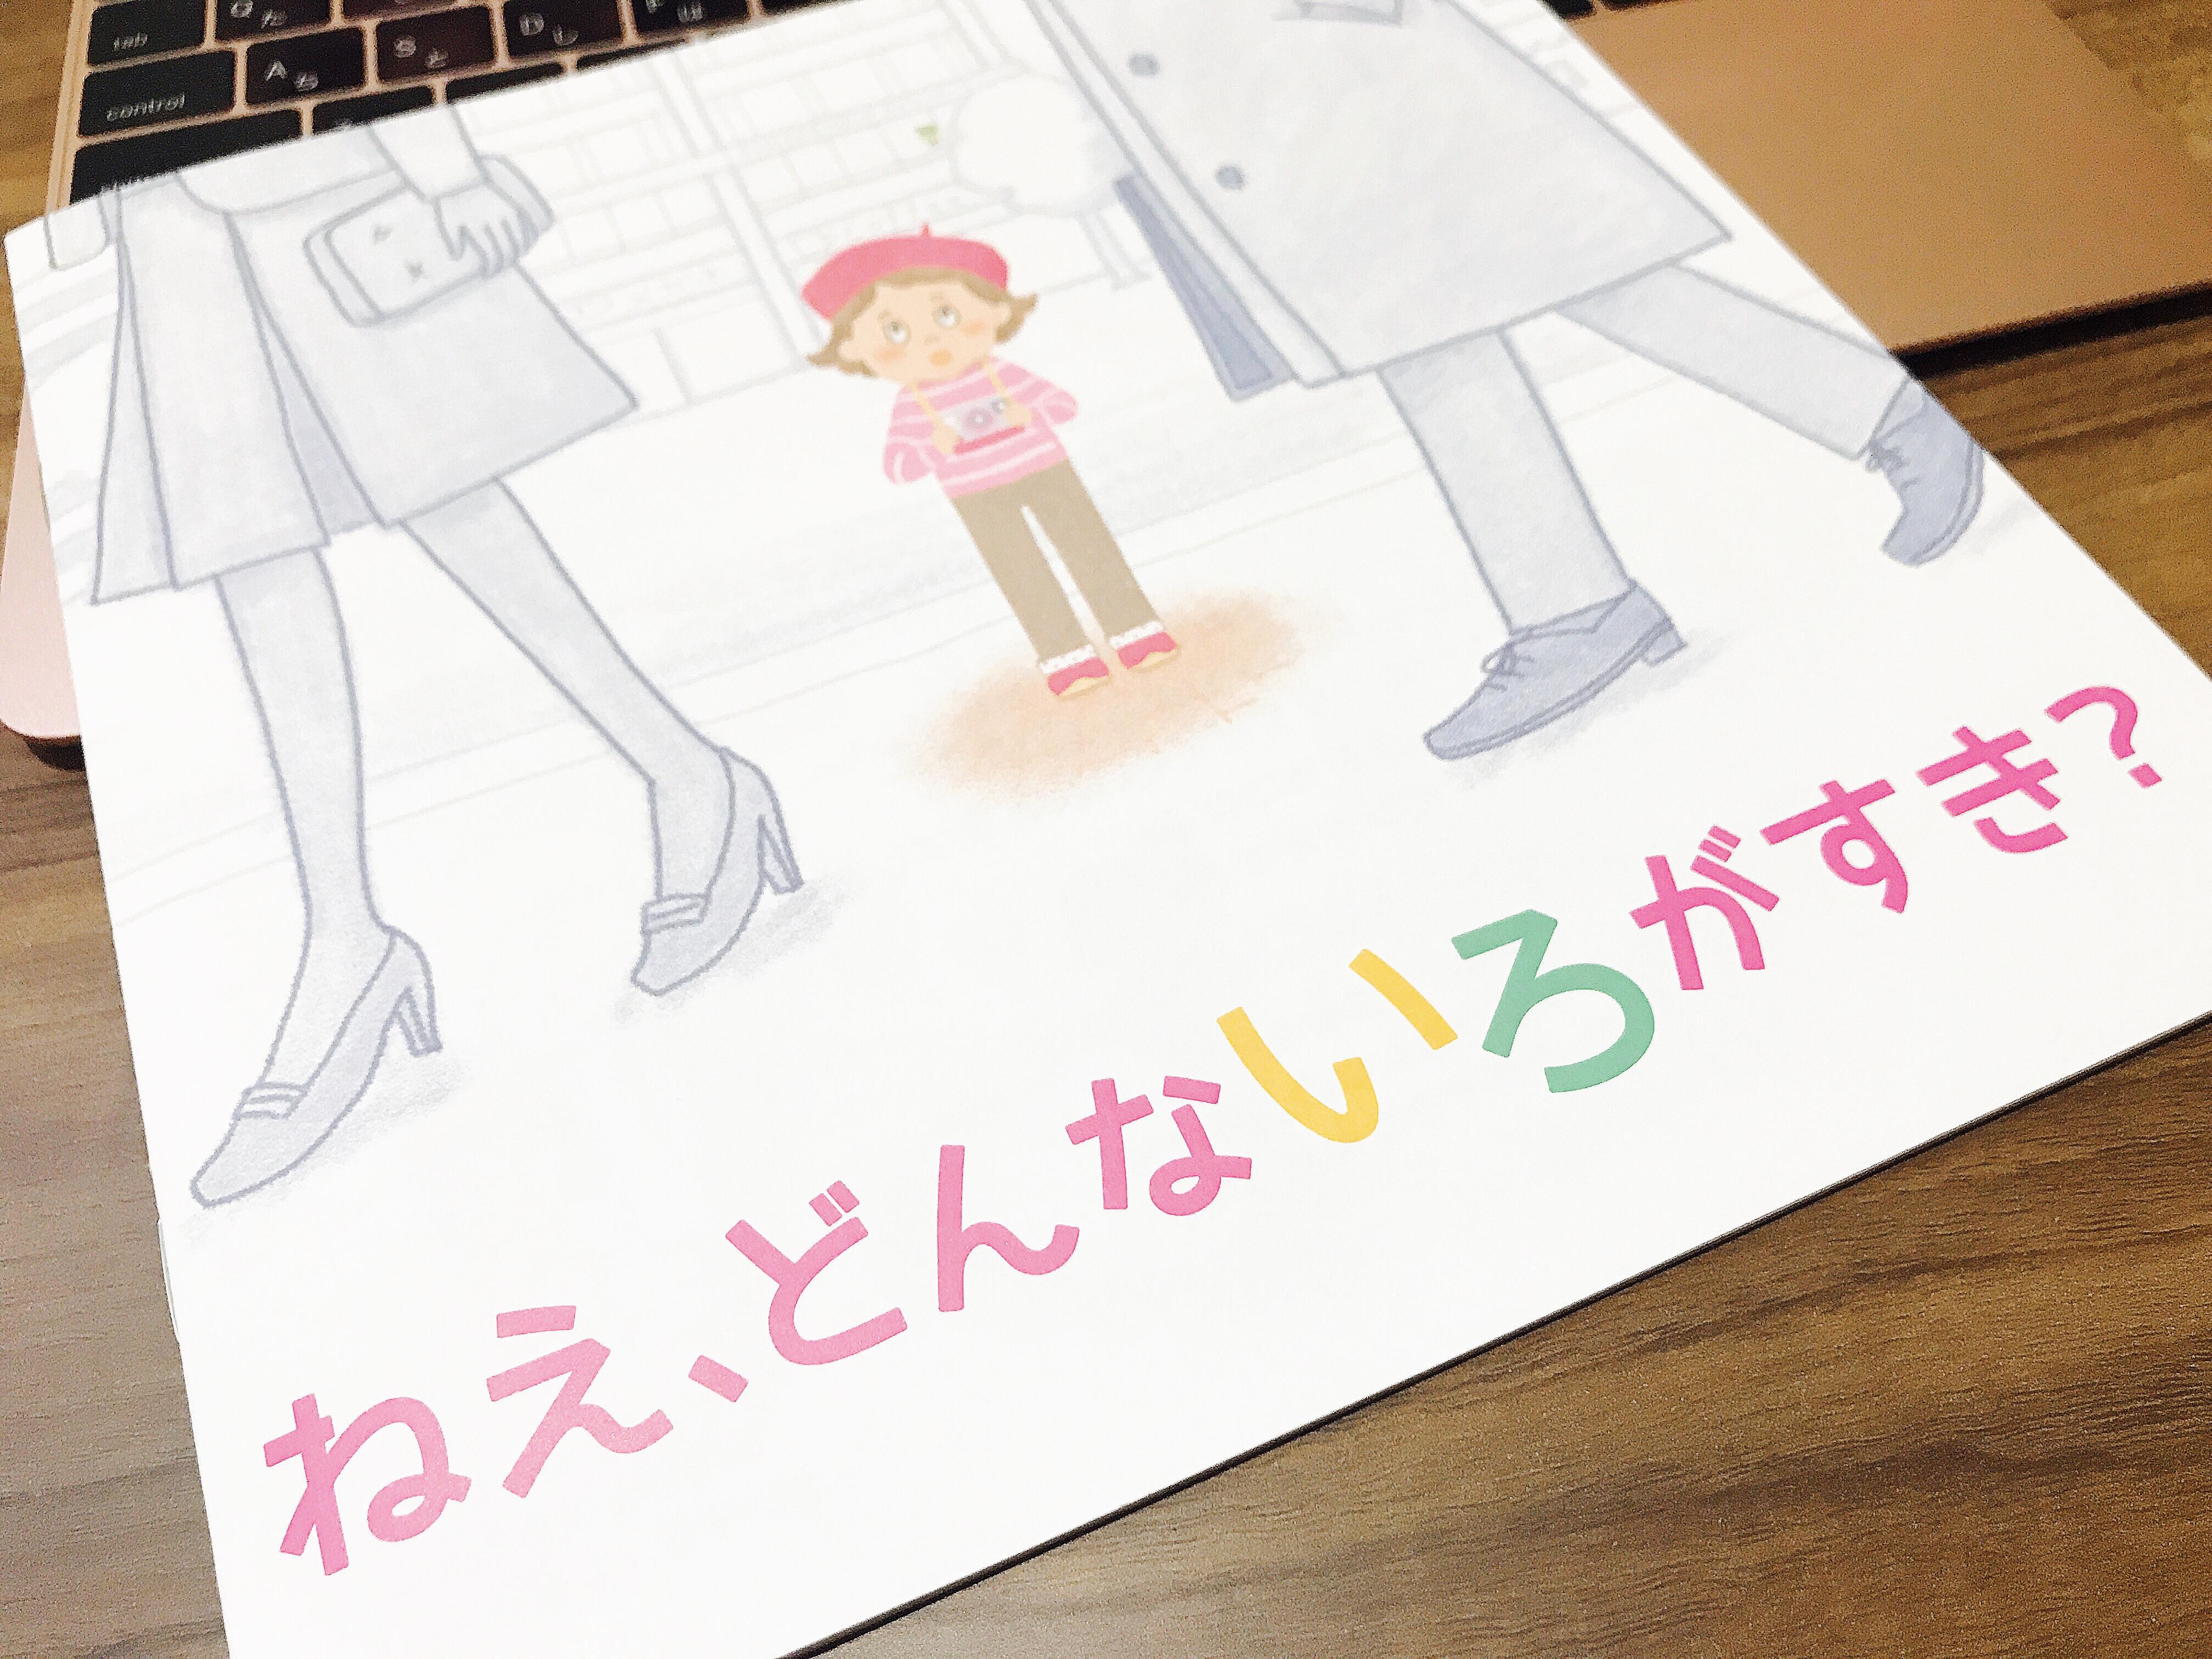 新潟6/20 「産後バランスボールと心を整えるワークショップ」にいがた女と男(ひととひと)フェスティバル2019のお知らせ